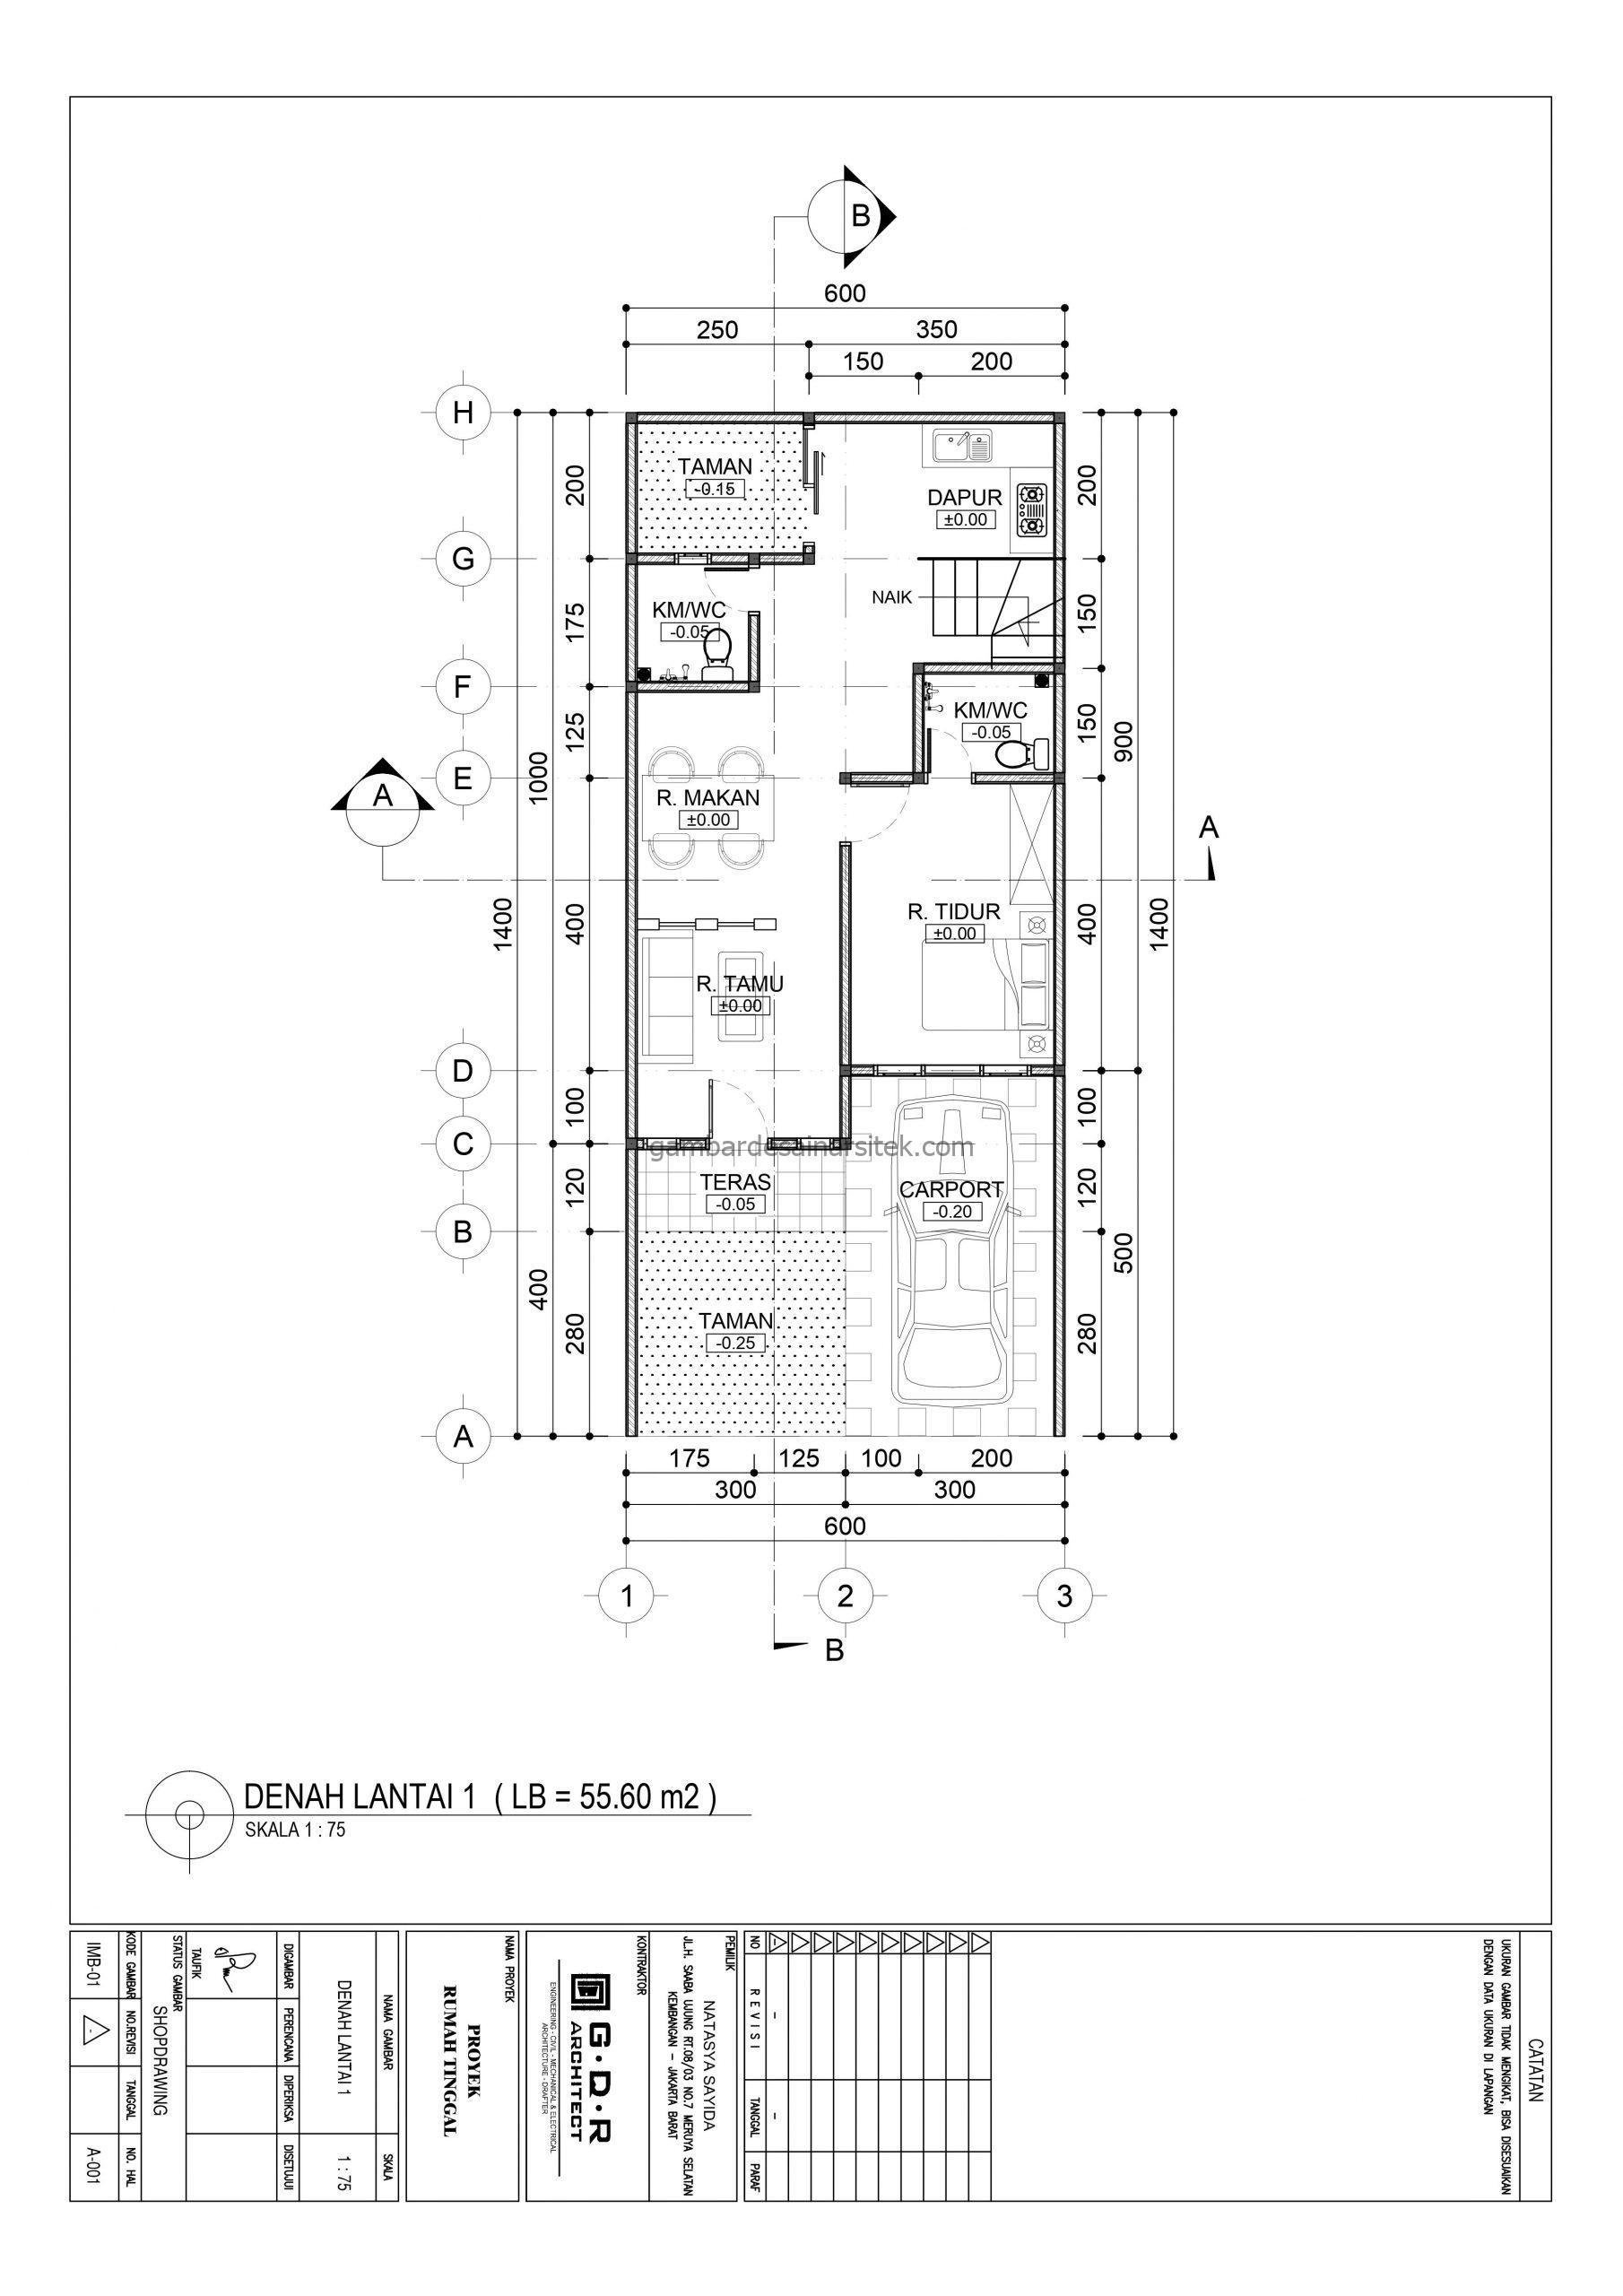 denah lantai 1 gambar desain rumah 2 lantai 6x14 3 scaled